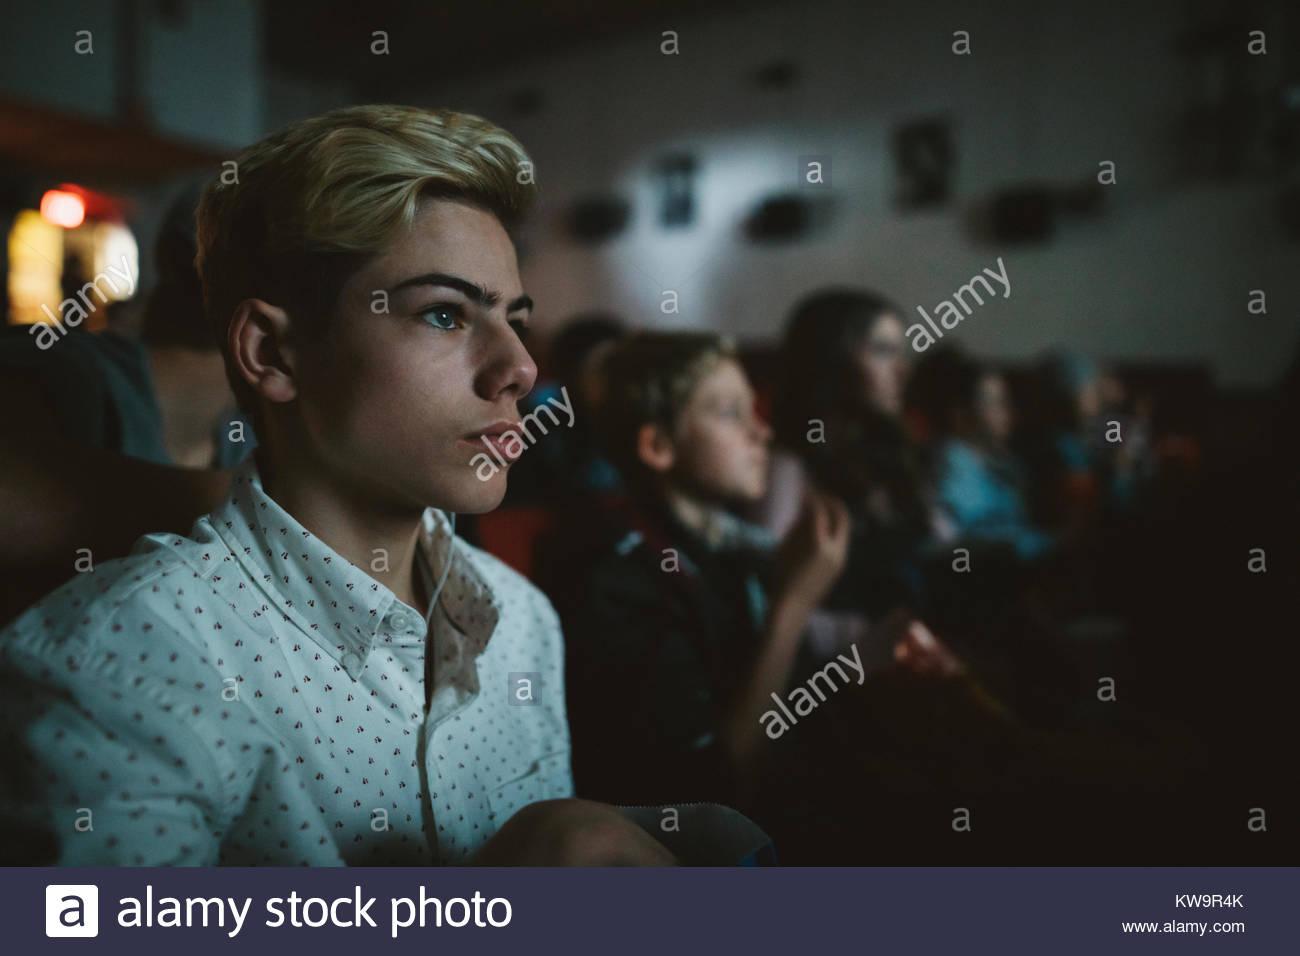 Ernsthafte tween Boy watching Film im dunklen Kino Stockbild